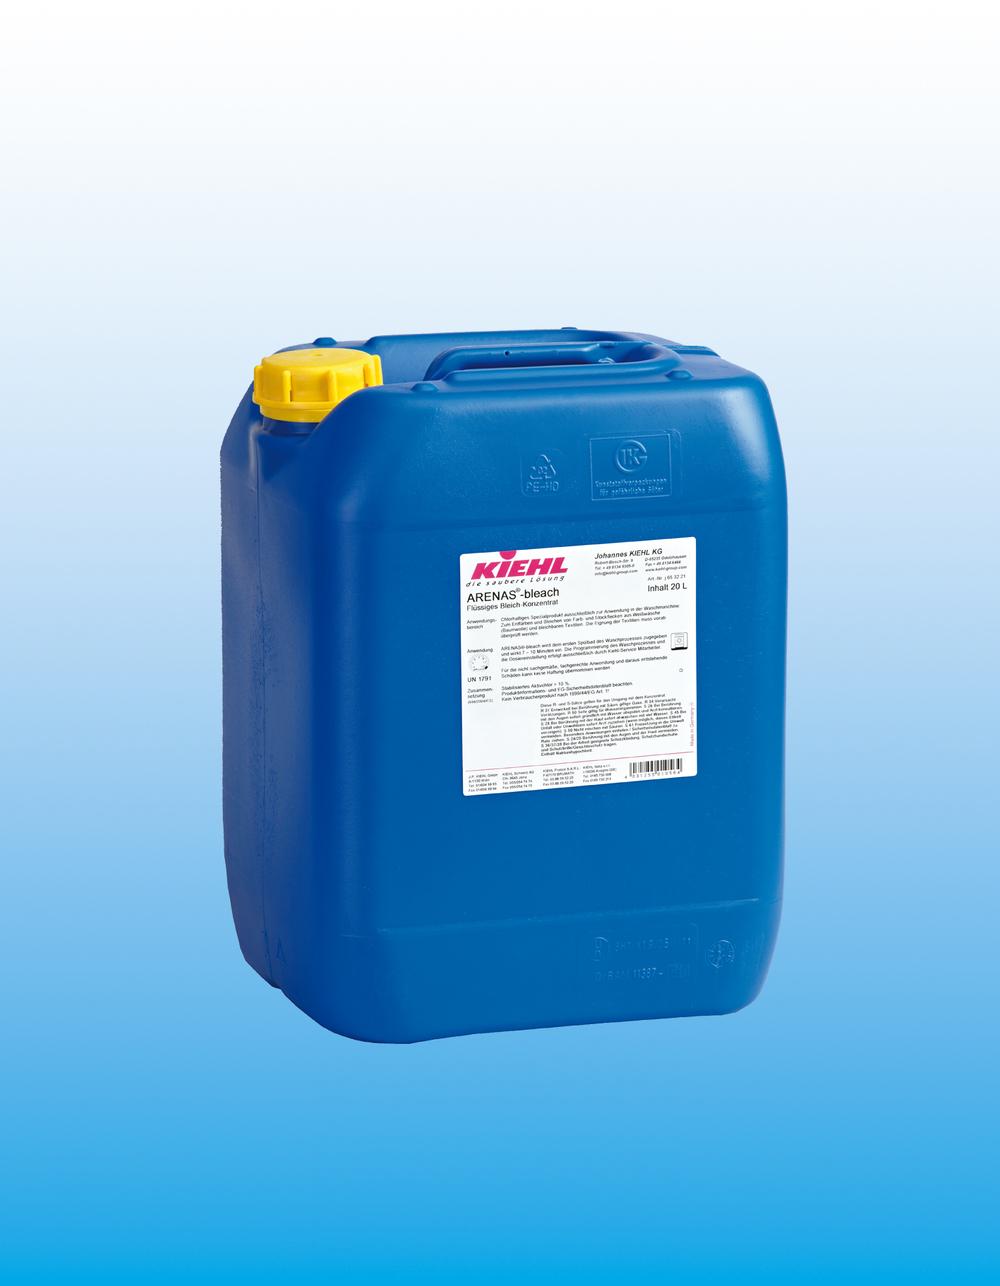 Arenas    ®-bleach                                 Blekemiddel konsentrat    ARENAS®-blekemiddel er et klorbasert flytende blekemiddel-konsentrat for bruk i vaske-maskin. Blekemiddel konsentratet oppnår optimal hvit